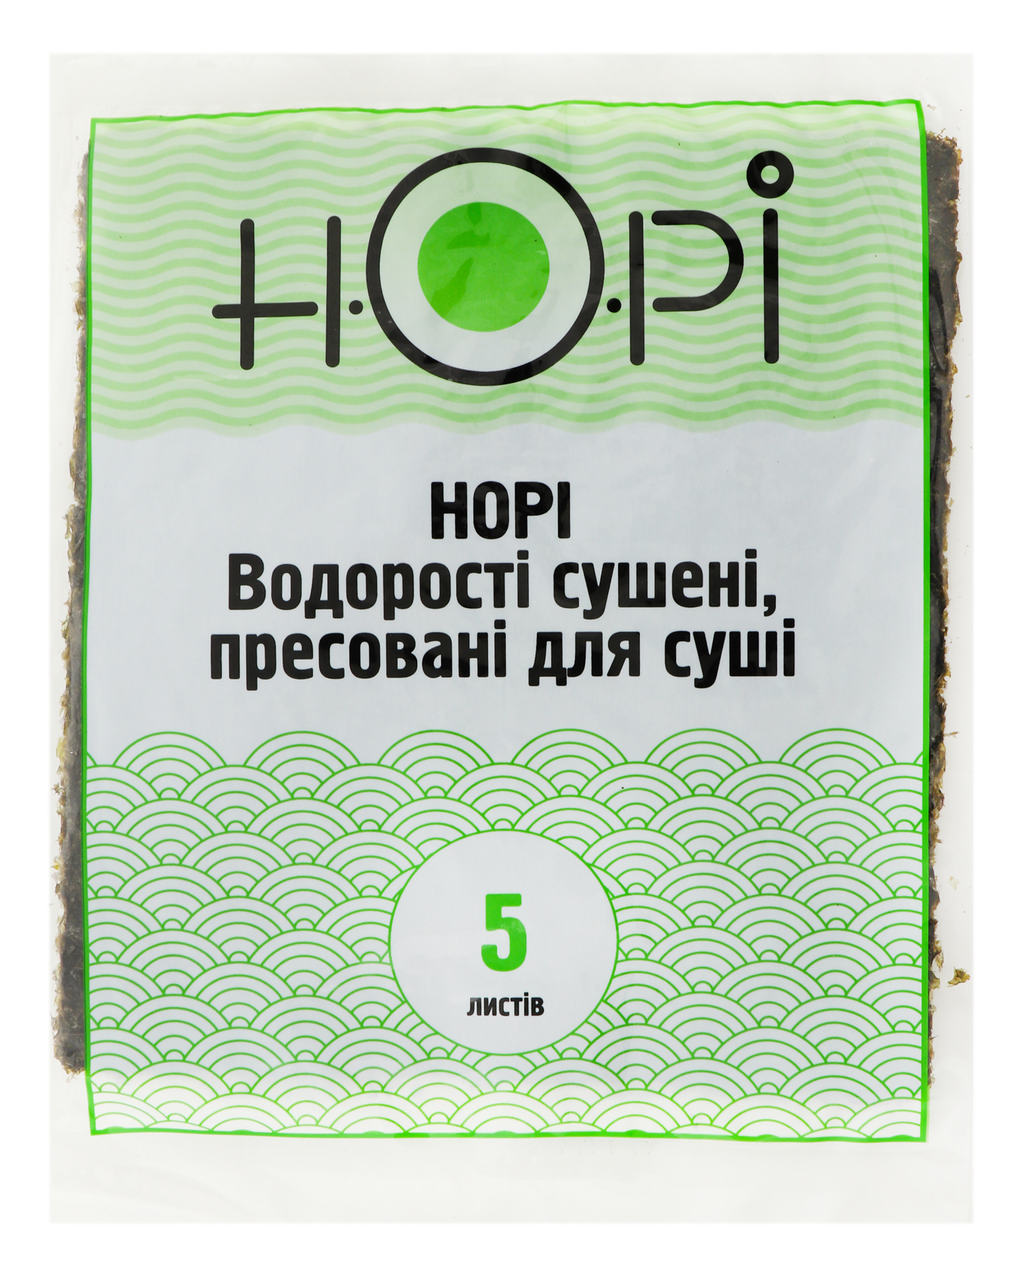 Водорості Норі сушені пресовані для суші 19х21см 5шт 14г